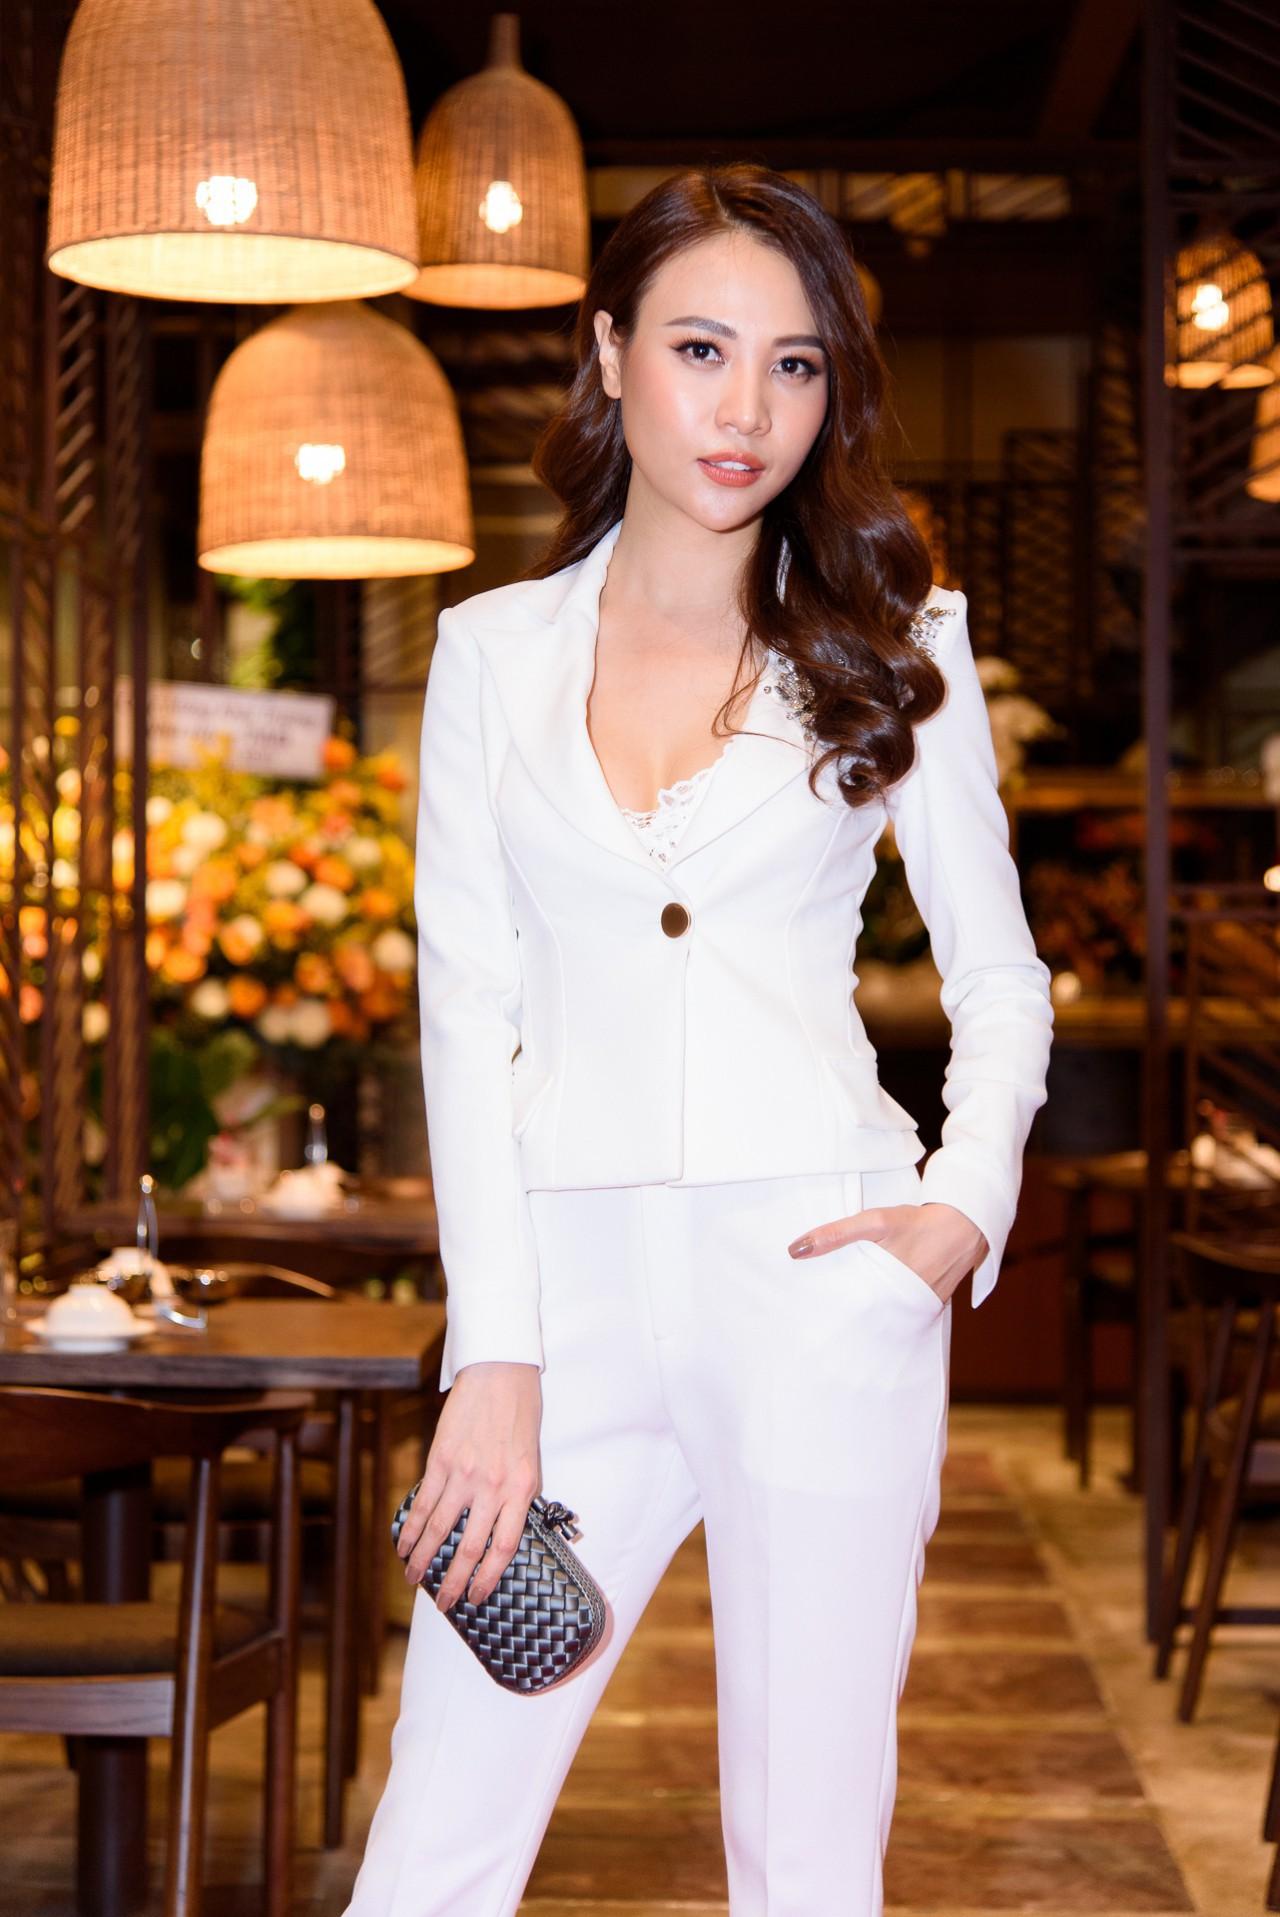 Nhan sắc của Đàm Thu Trang - bạn gái Cường Đô La thuở đi thi Next Top Model - Ảnh 8.